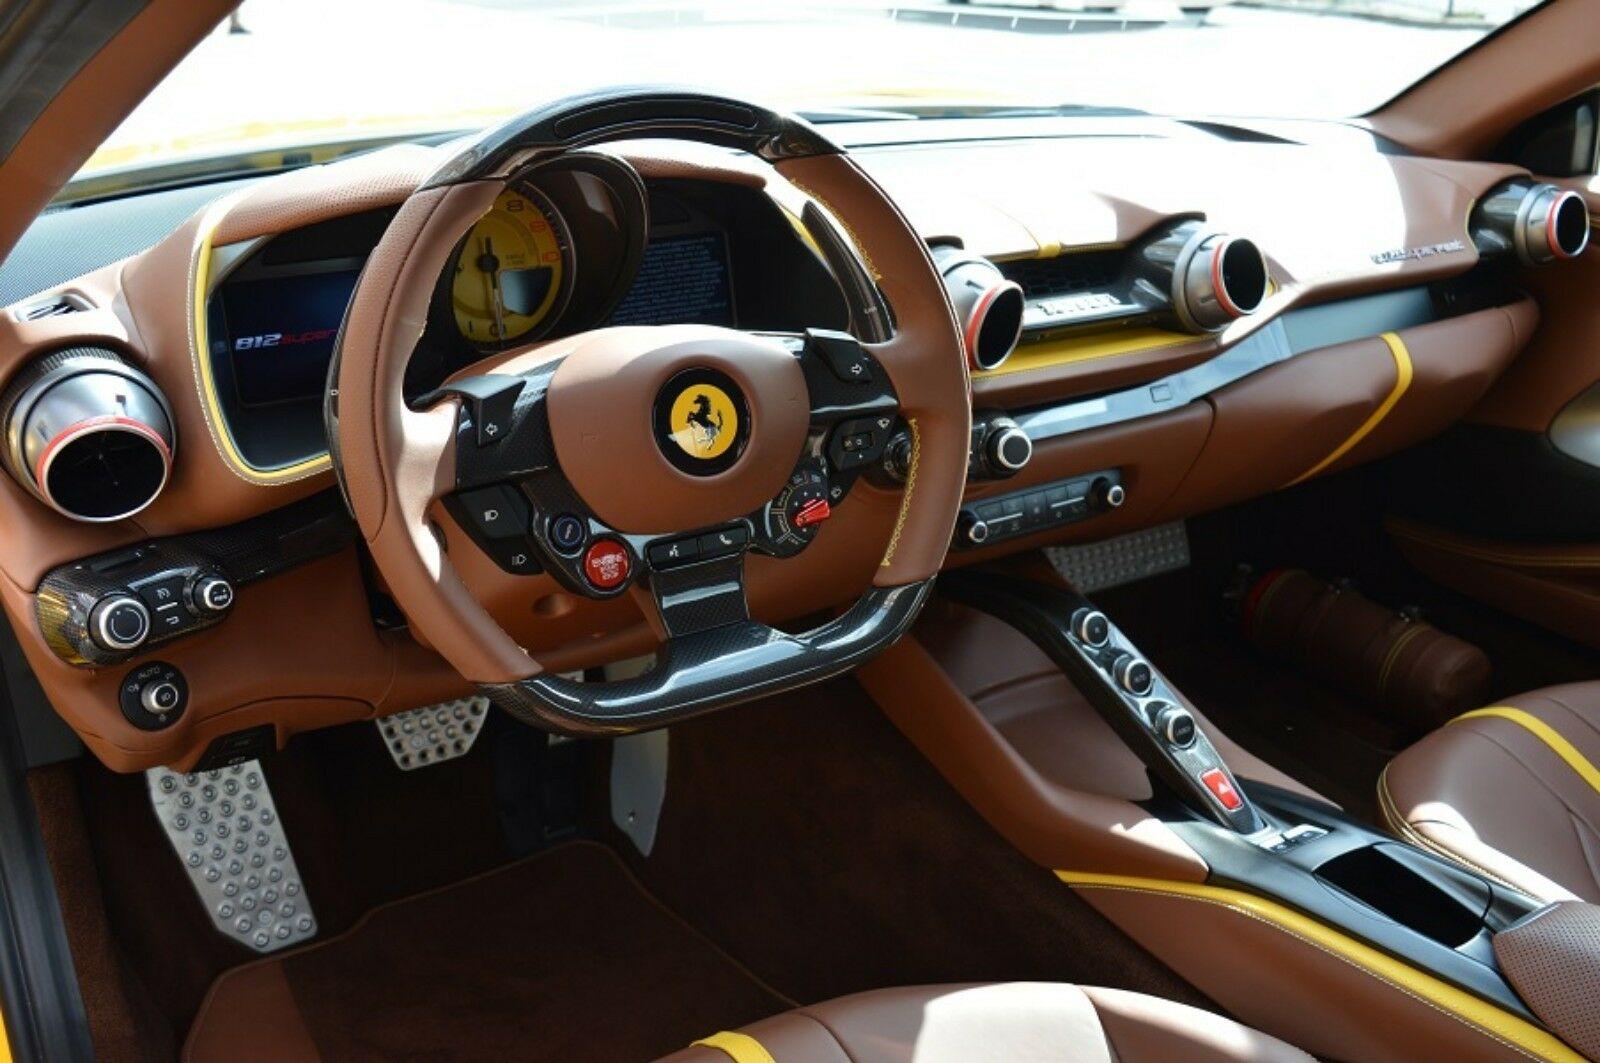 Ferrari 812 Superfast Luxury Pulse Cars United Kingdom For Sale On Luxurypulse